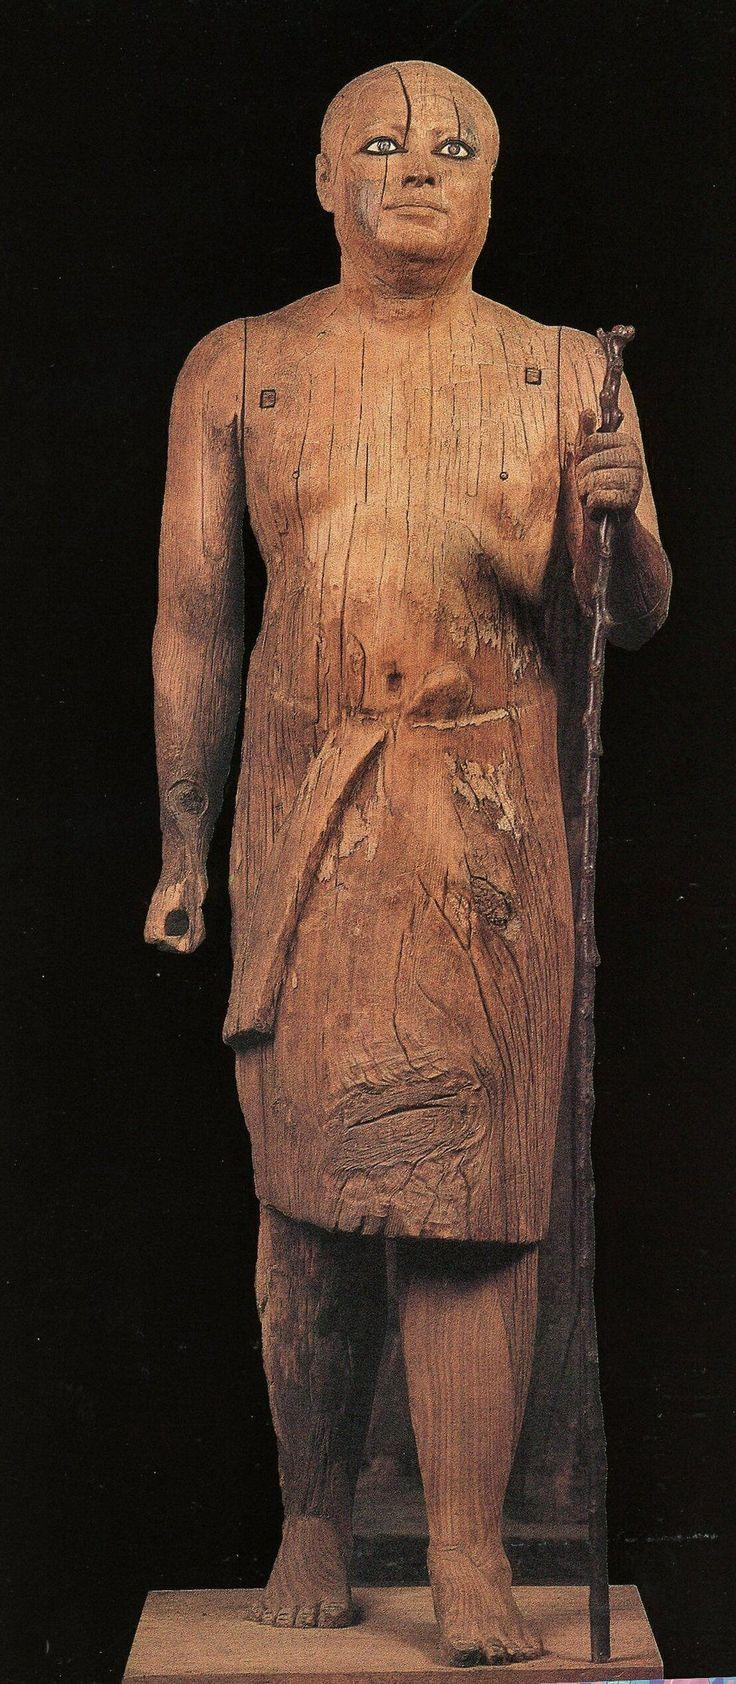 Statua di Ka-Aper -  antico regno 2460 a.C. - legno di sicomoro scolpito a tutto tondo - dalla mastaba di Ka-Aper, Saqqara - museo egizio, Il Cairo. La statua è nota come Sheik el-Beled, nome del sindaco del villaggio in cui fu ritrovata, somigliante alla statua. Le braccia sono scolpite a parte ed inserite nella struttura principale. Contrariamente ai canoni egiziani il corpo è tozzo e massiccio. Particolarmente espressivi sono i lineamenti del viso e gli occhi in pasta vitrea e cristallo.